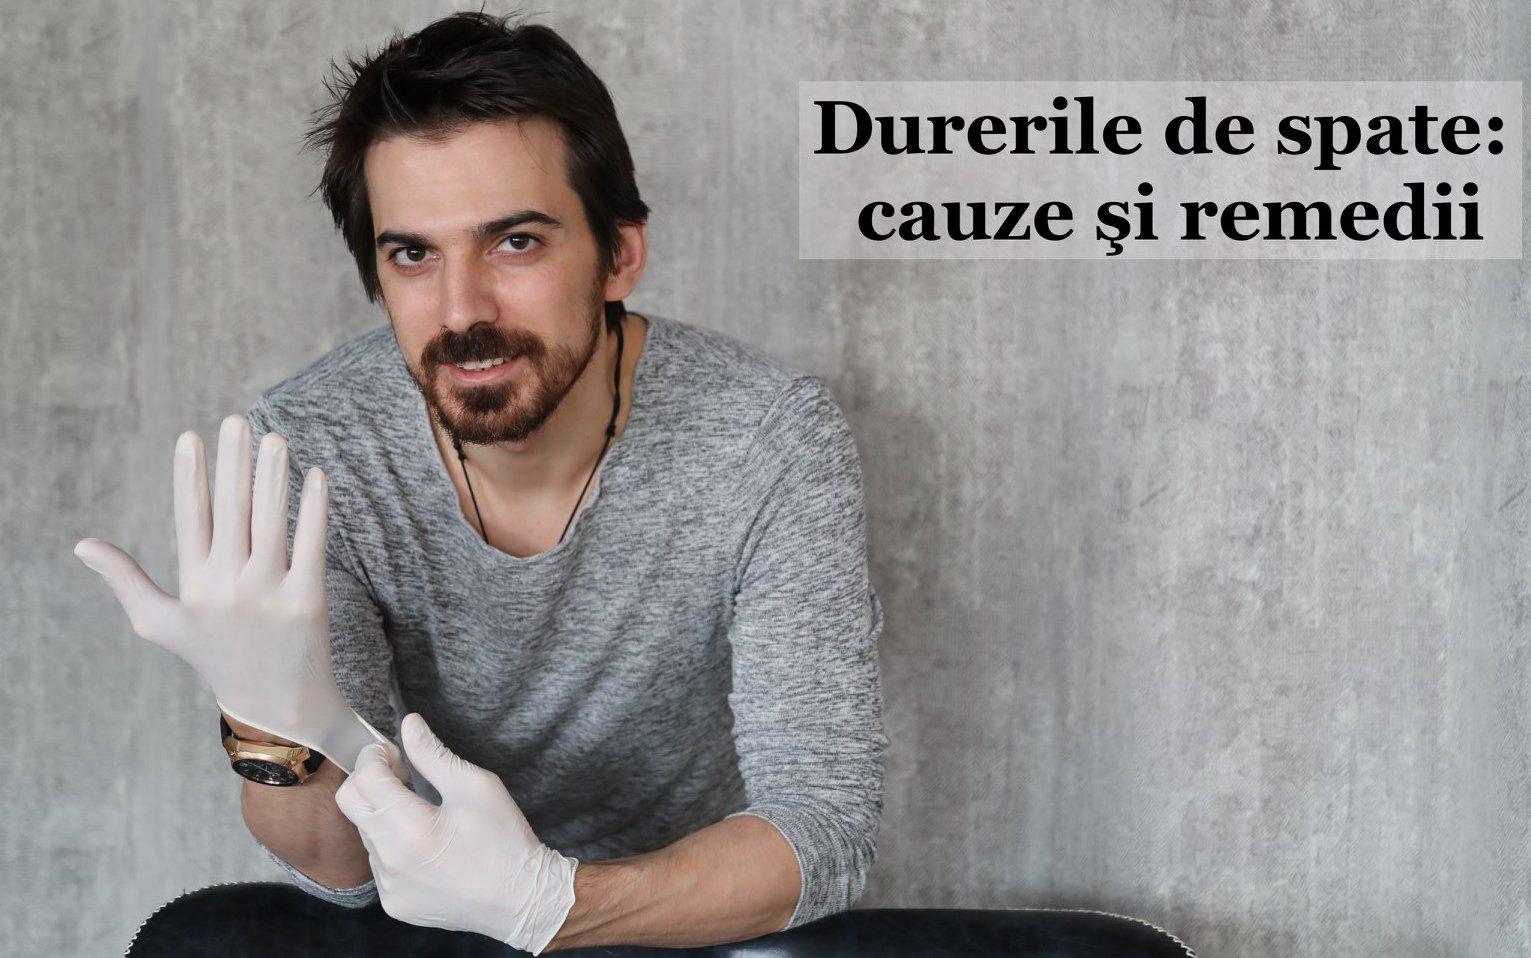 """Tuncay Ozturk vorbește despre clinica lui de recuperare medicală: """"Sunt fericit făcând asta"""""""